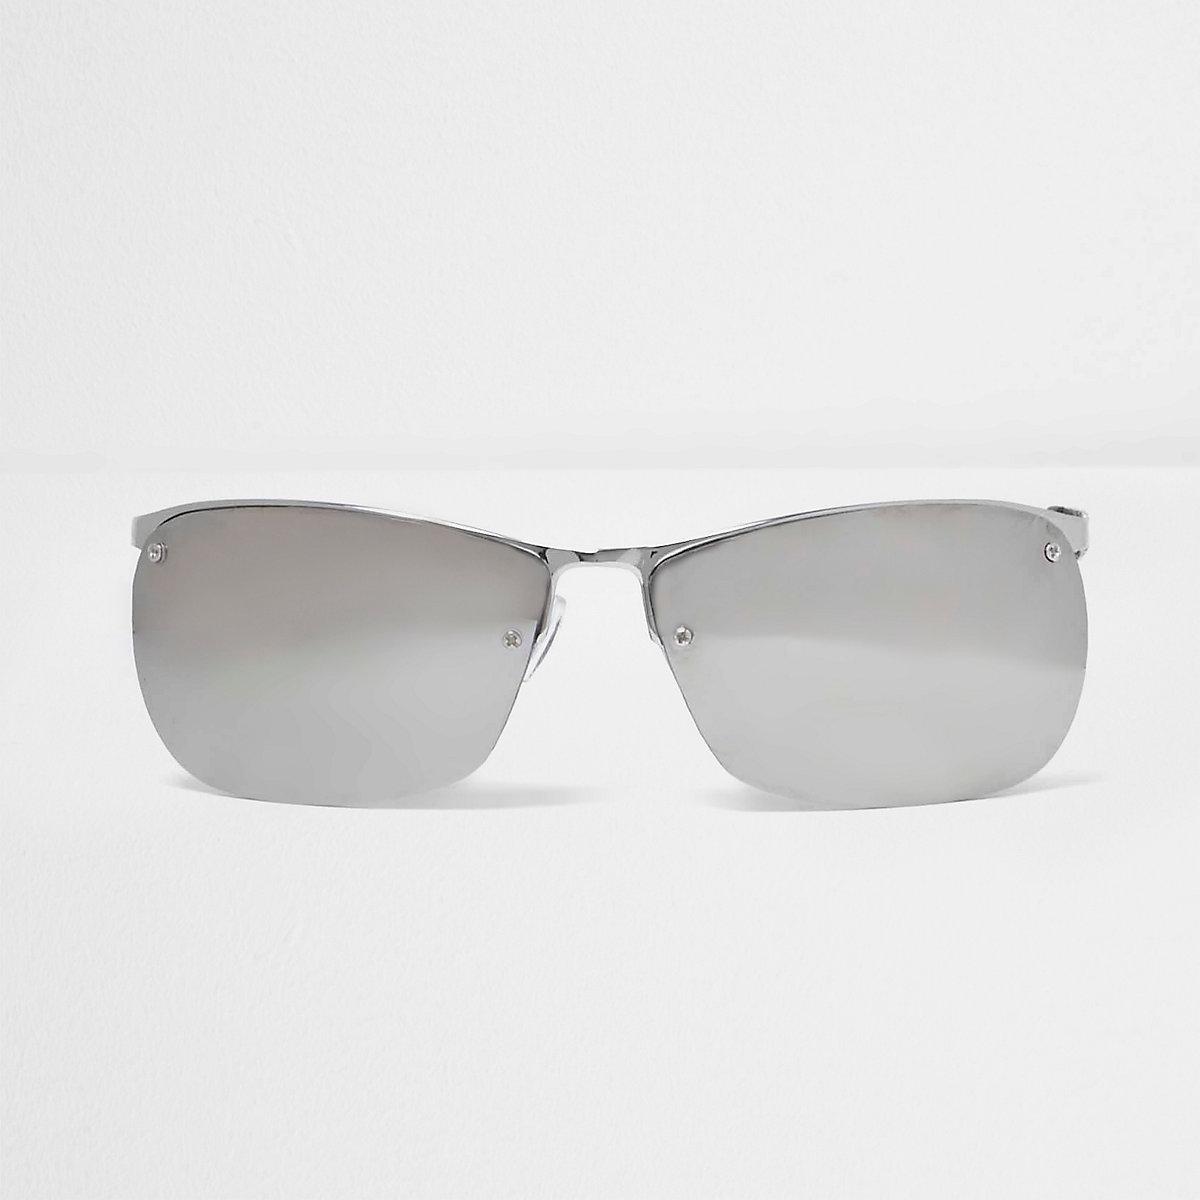 Silver tone sporty sunglasses